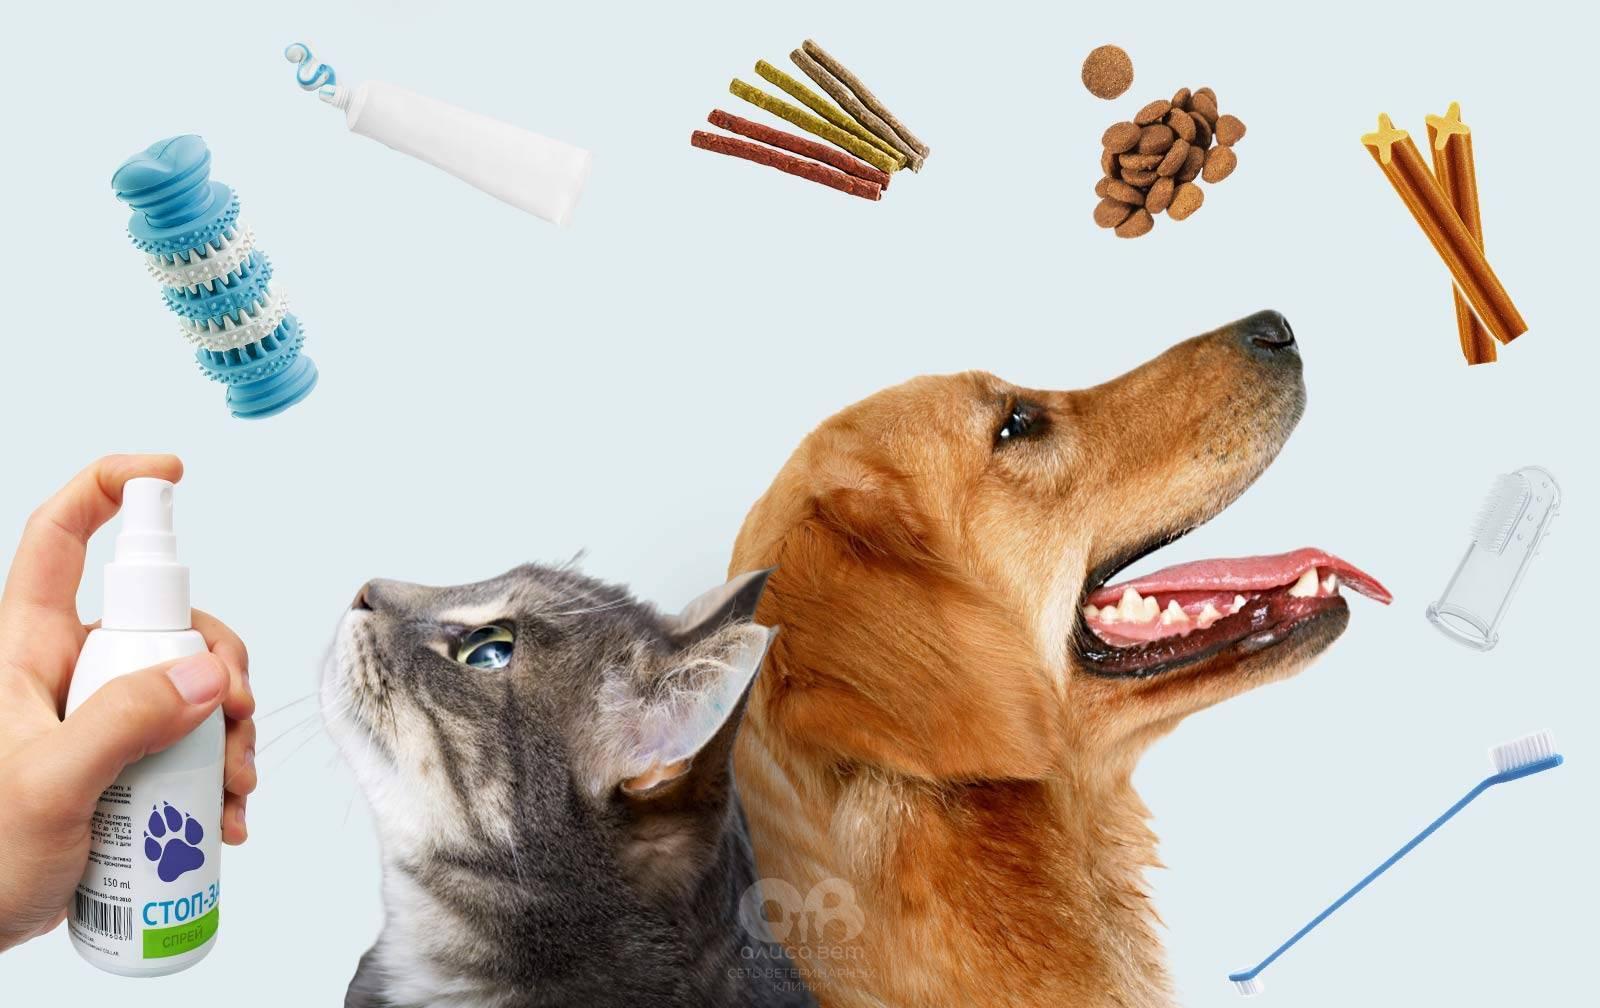 Как почистить кошке зубы в домашних условиях: правильное проведение процедуры, необходимые средства